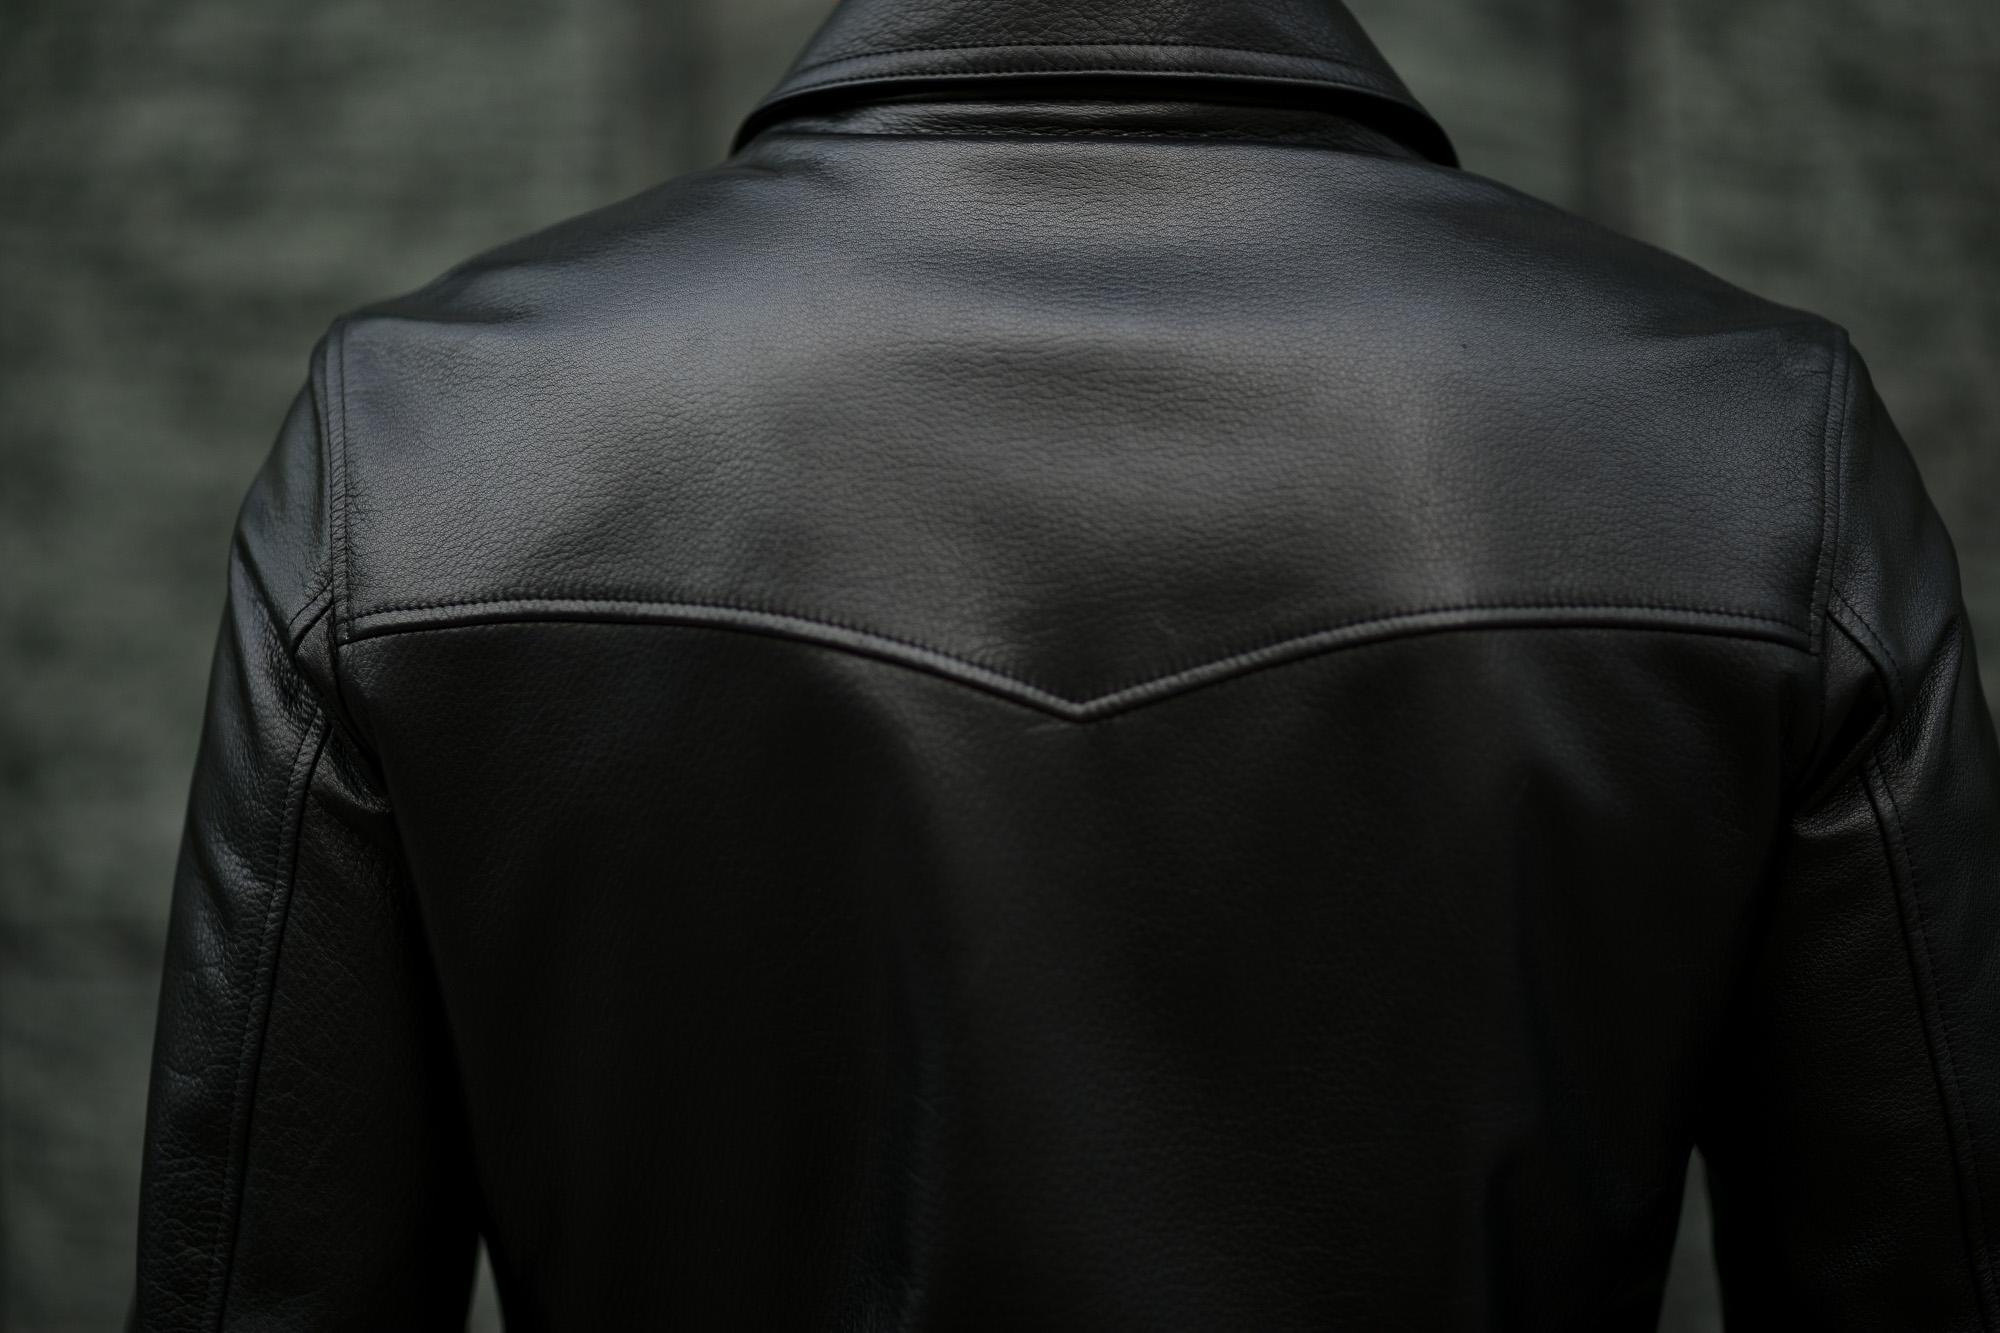 Cuervo (クエルボ) Satisfaction Leather Collection (サティスファクション レザー コレクション) TOM (トム) BUFFALO LEATHER (バッファロー レザー) シングル ライダース ジャケット BLACK (ブラック) MADE IN JAPAN (日本製) 2019 秋冬新作 クエルボ レザージャケット 愛知 名古屋 alto e diritto アルトエデリット セレクトショップ